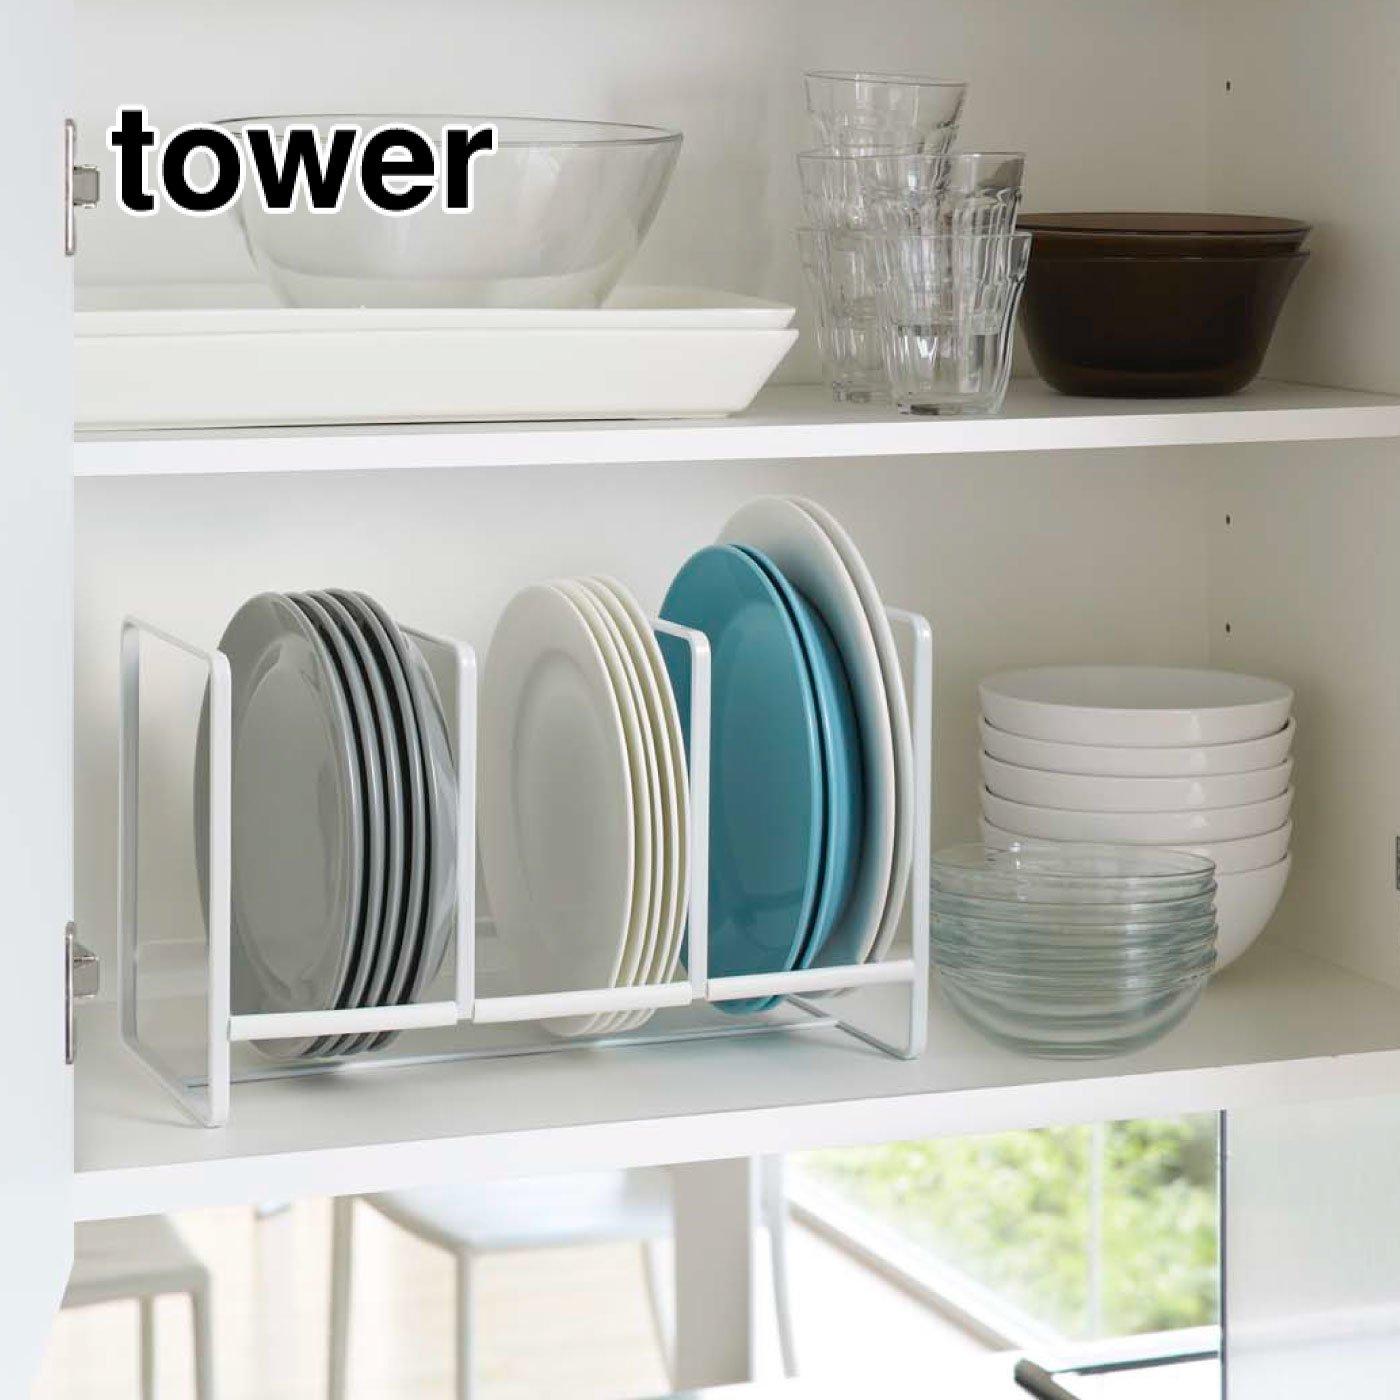 tower ディッシュラック ワイド Lサイズ